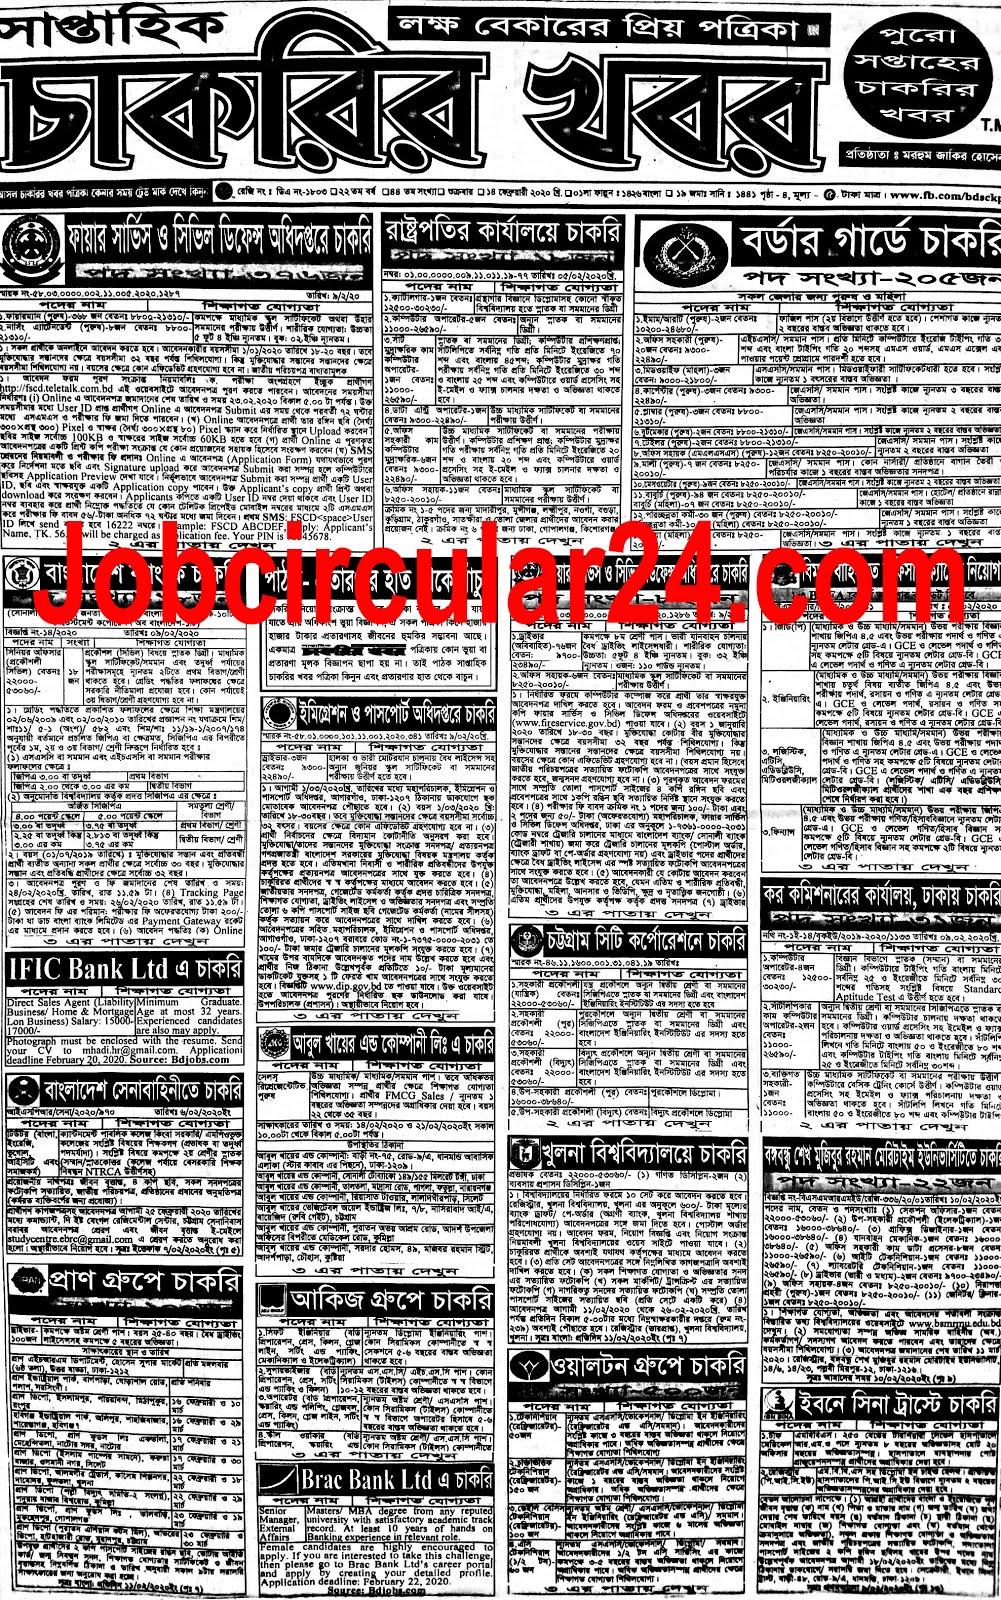 সপ্তাহিক চাকরির খবর পত্রিকা ১৪ ফেব্রুয়ারী ২০২০